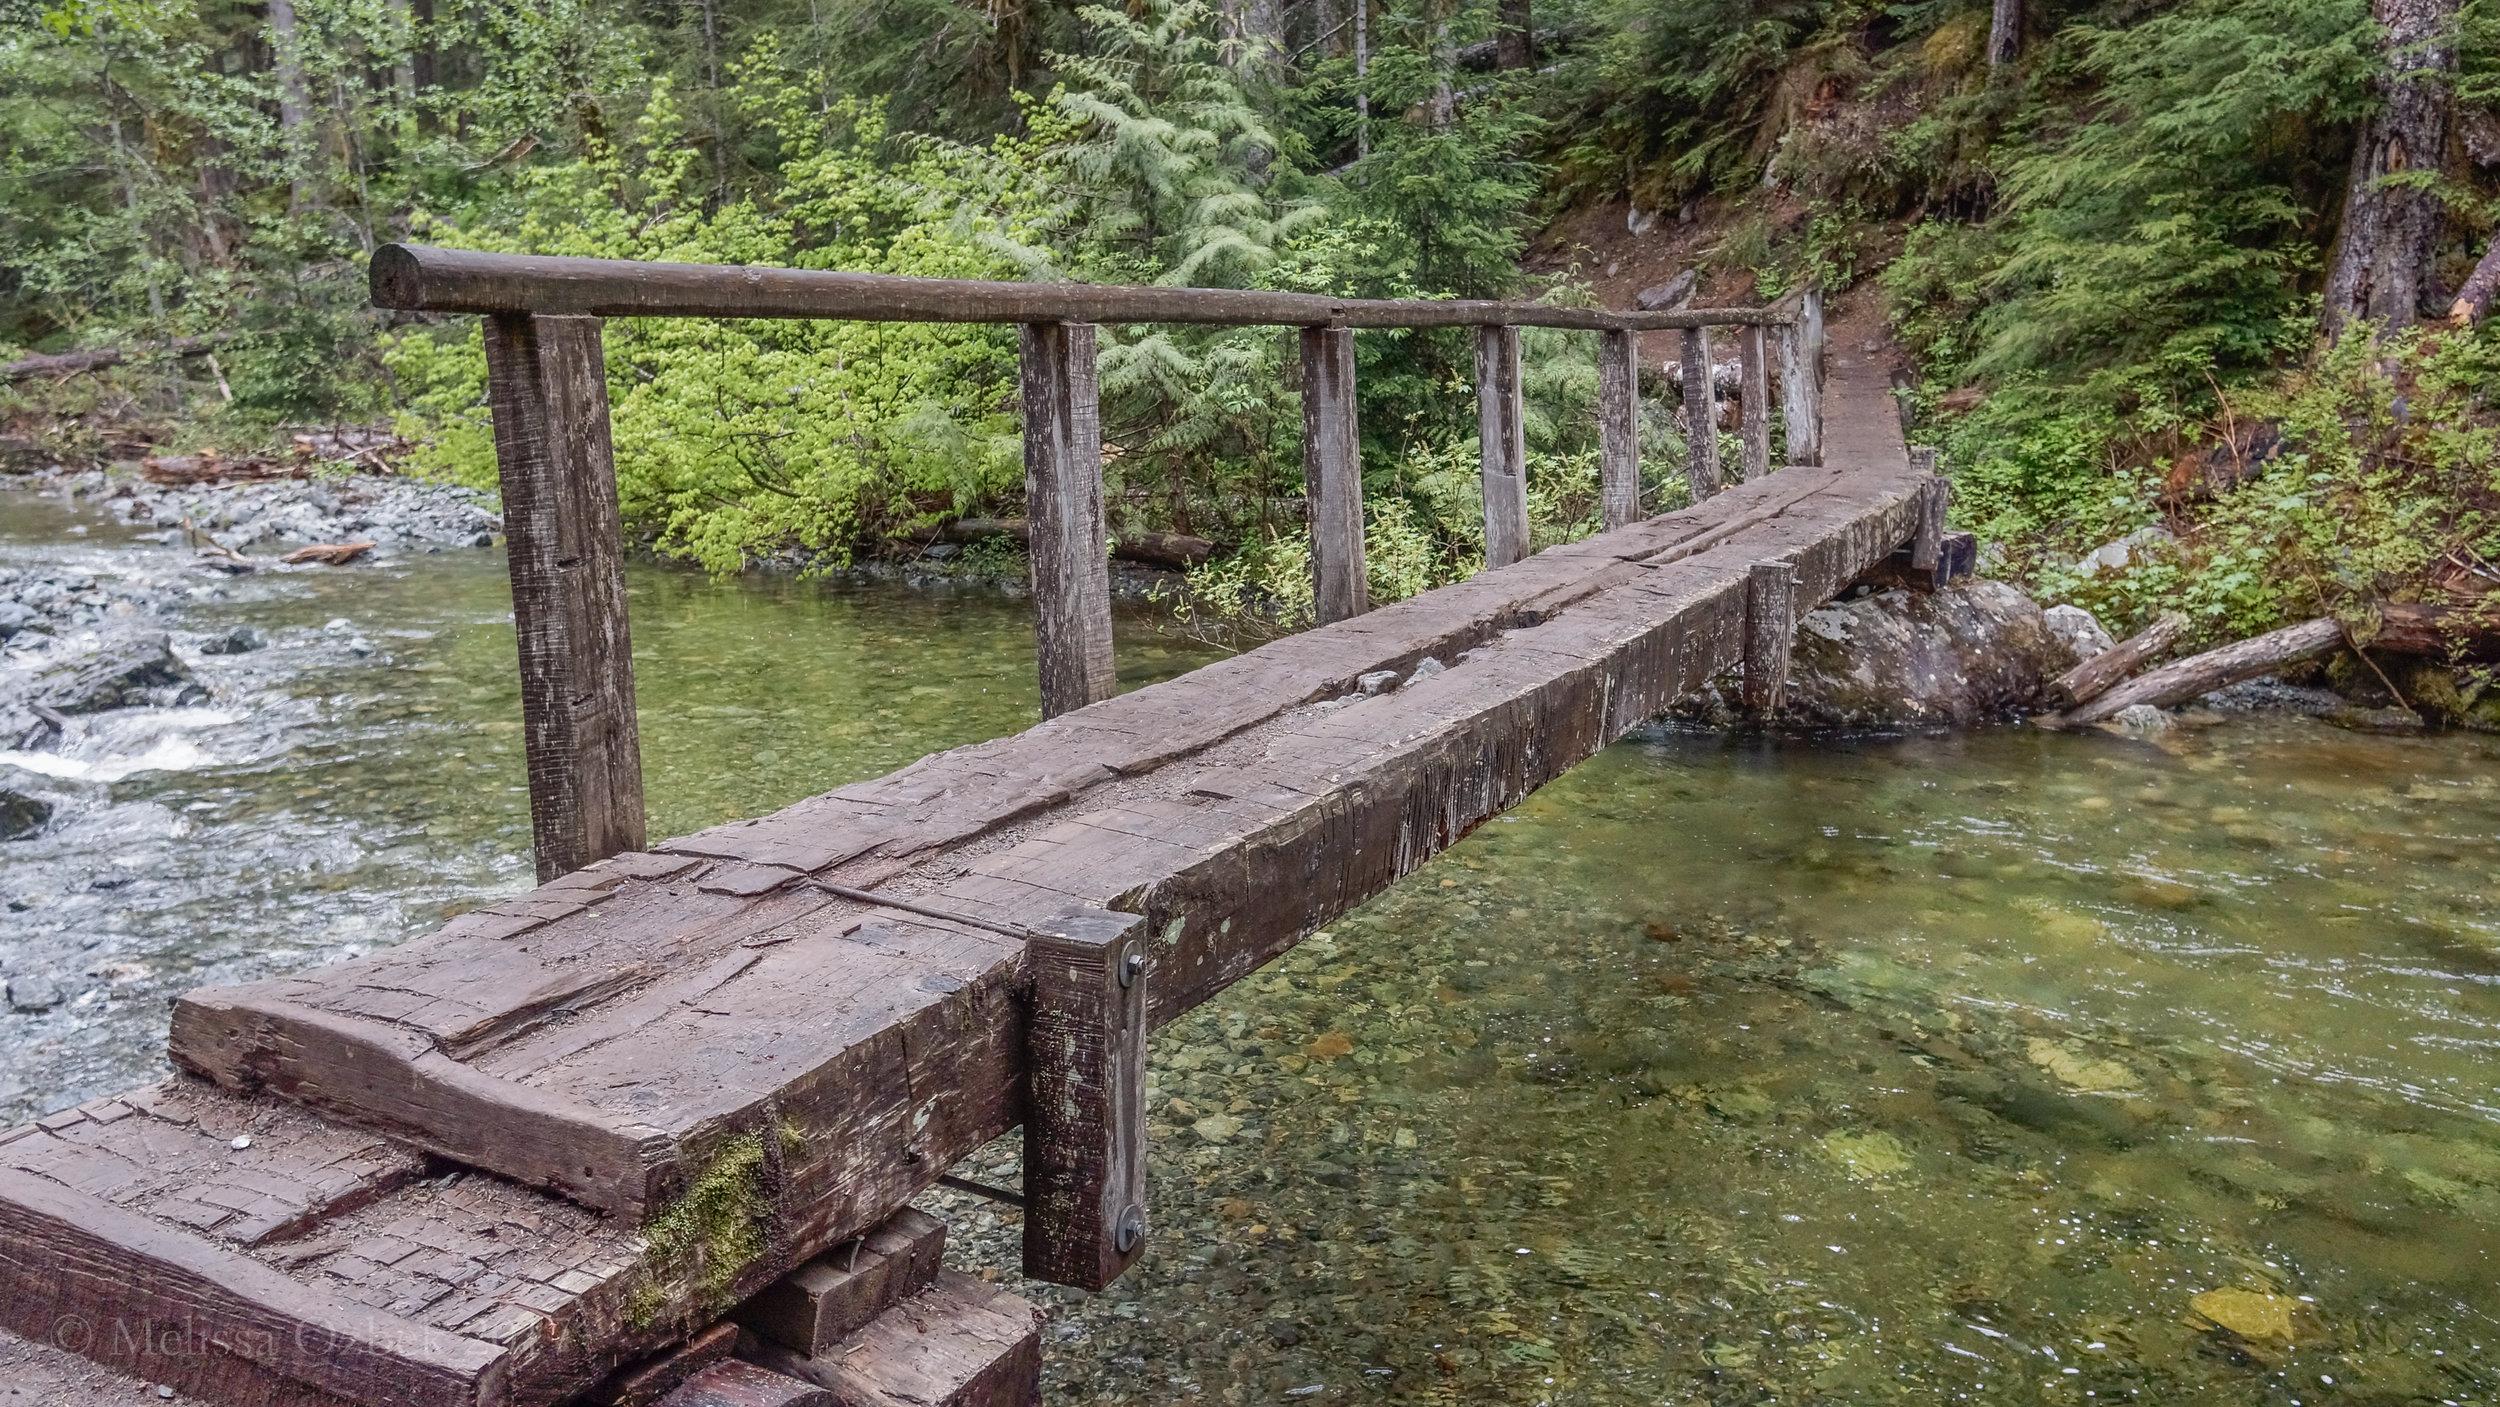 6. Barclay Lake